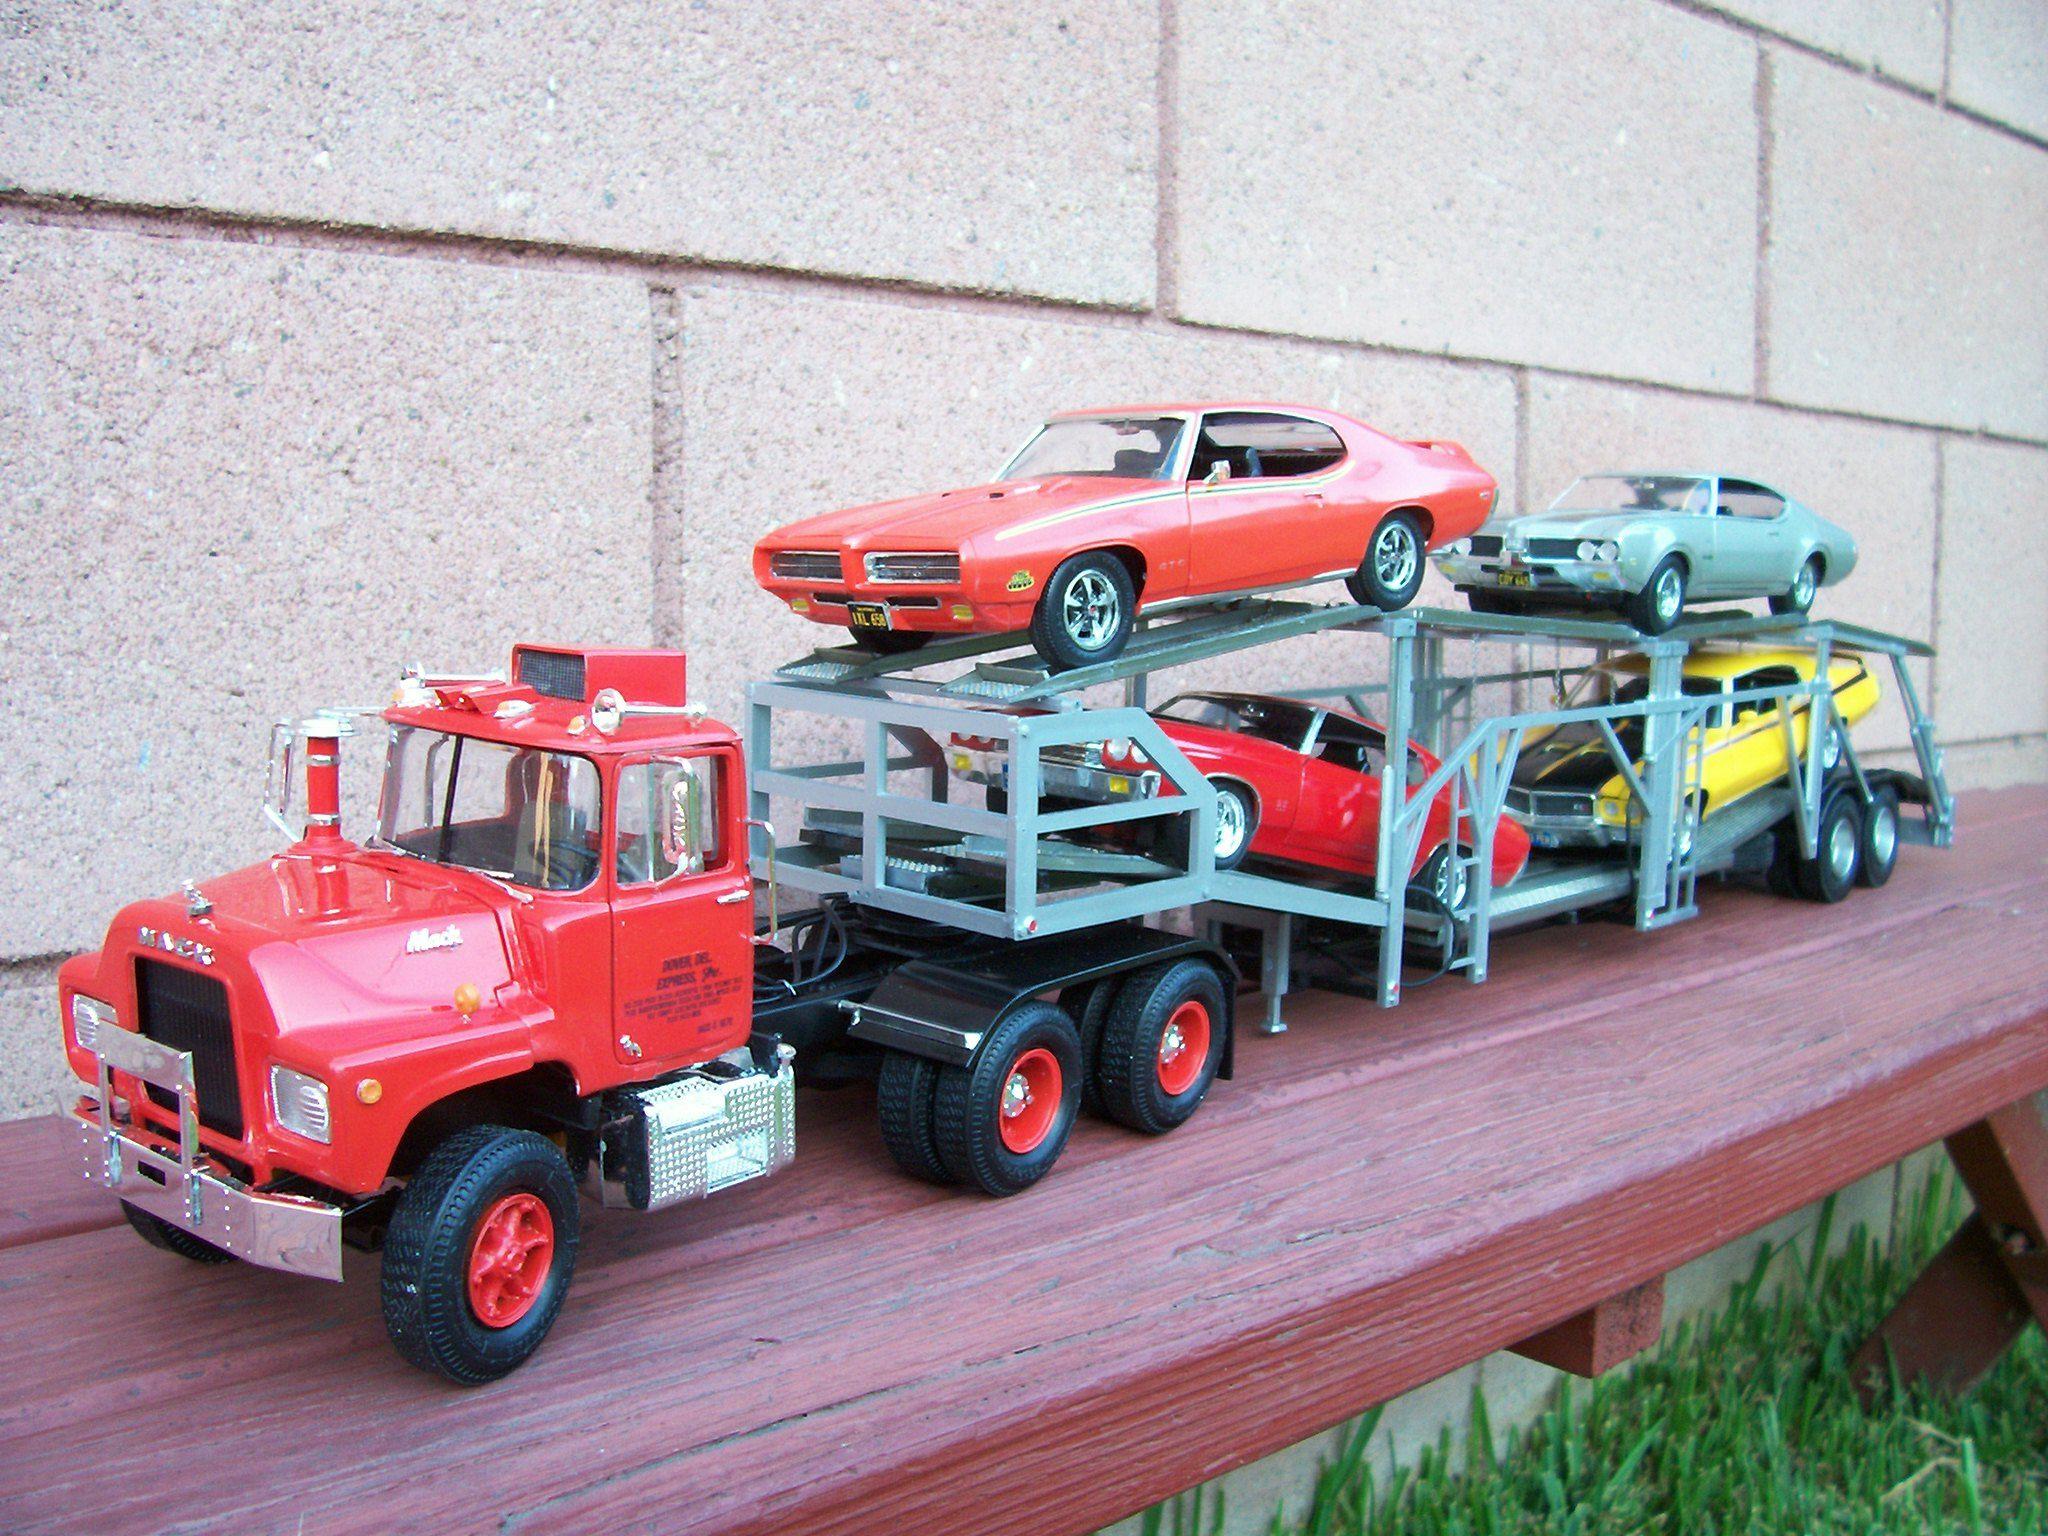 Mack Truck Cat Walk : Mack truck with auto transport trailer car scale